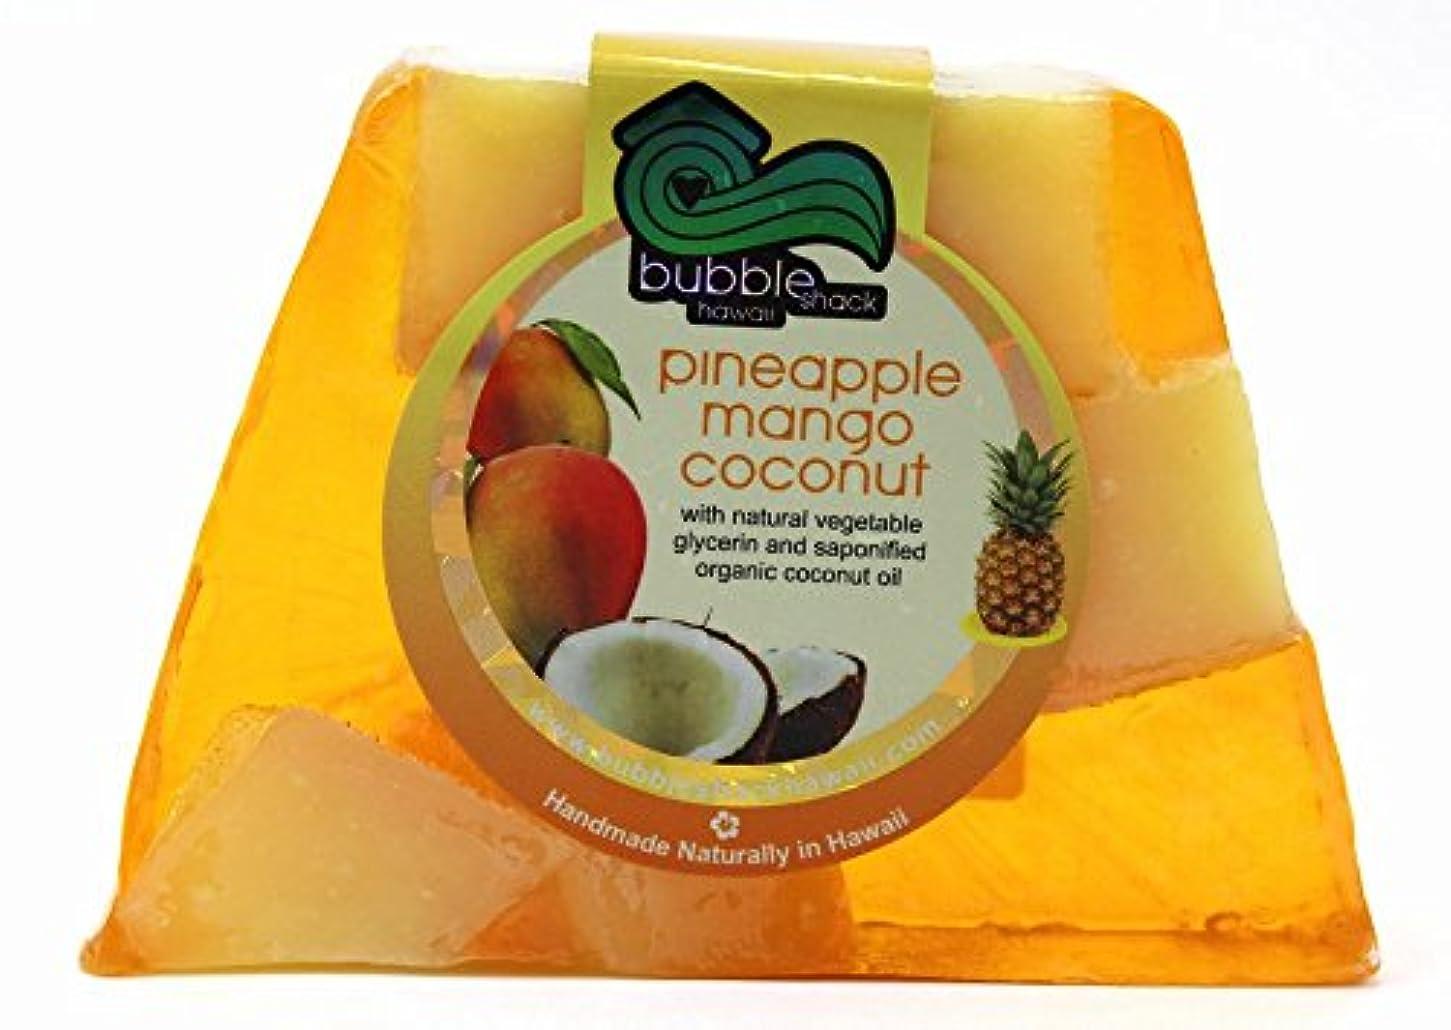 憤る目指す批判的にハワイ お土産 ハワイアン雑貨 バブルシャック パイナップル チャンクソープ 石鹸 (マンゴーココナッツ) ハワイ雑貨